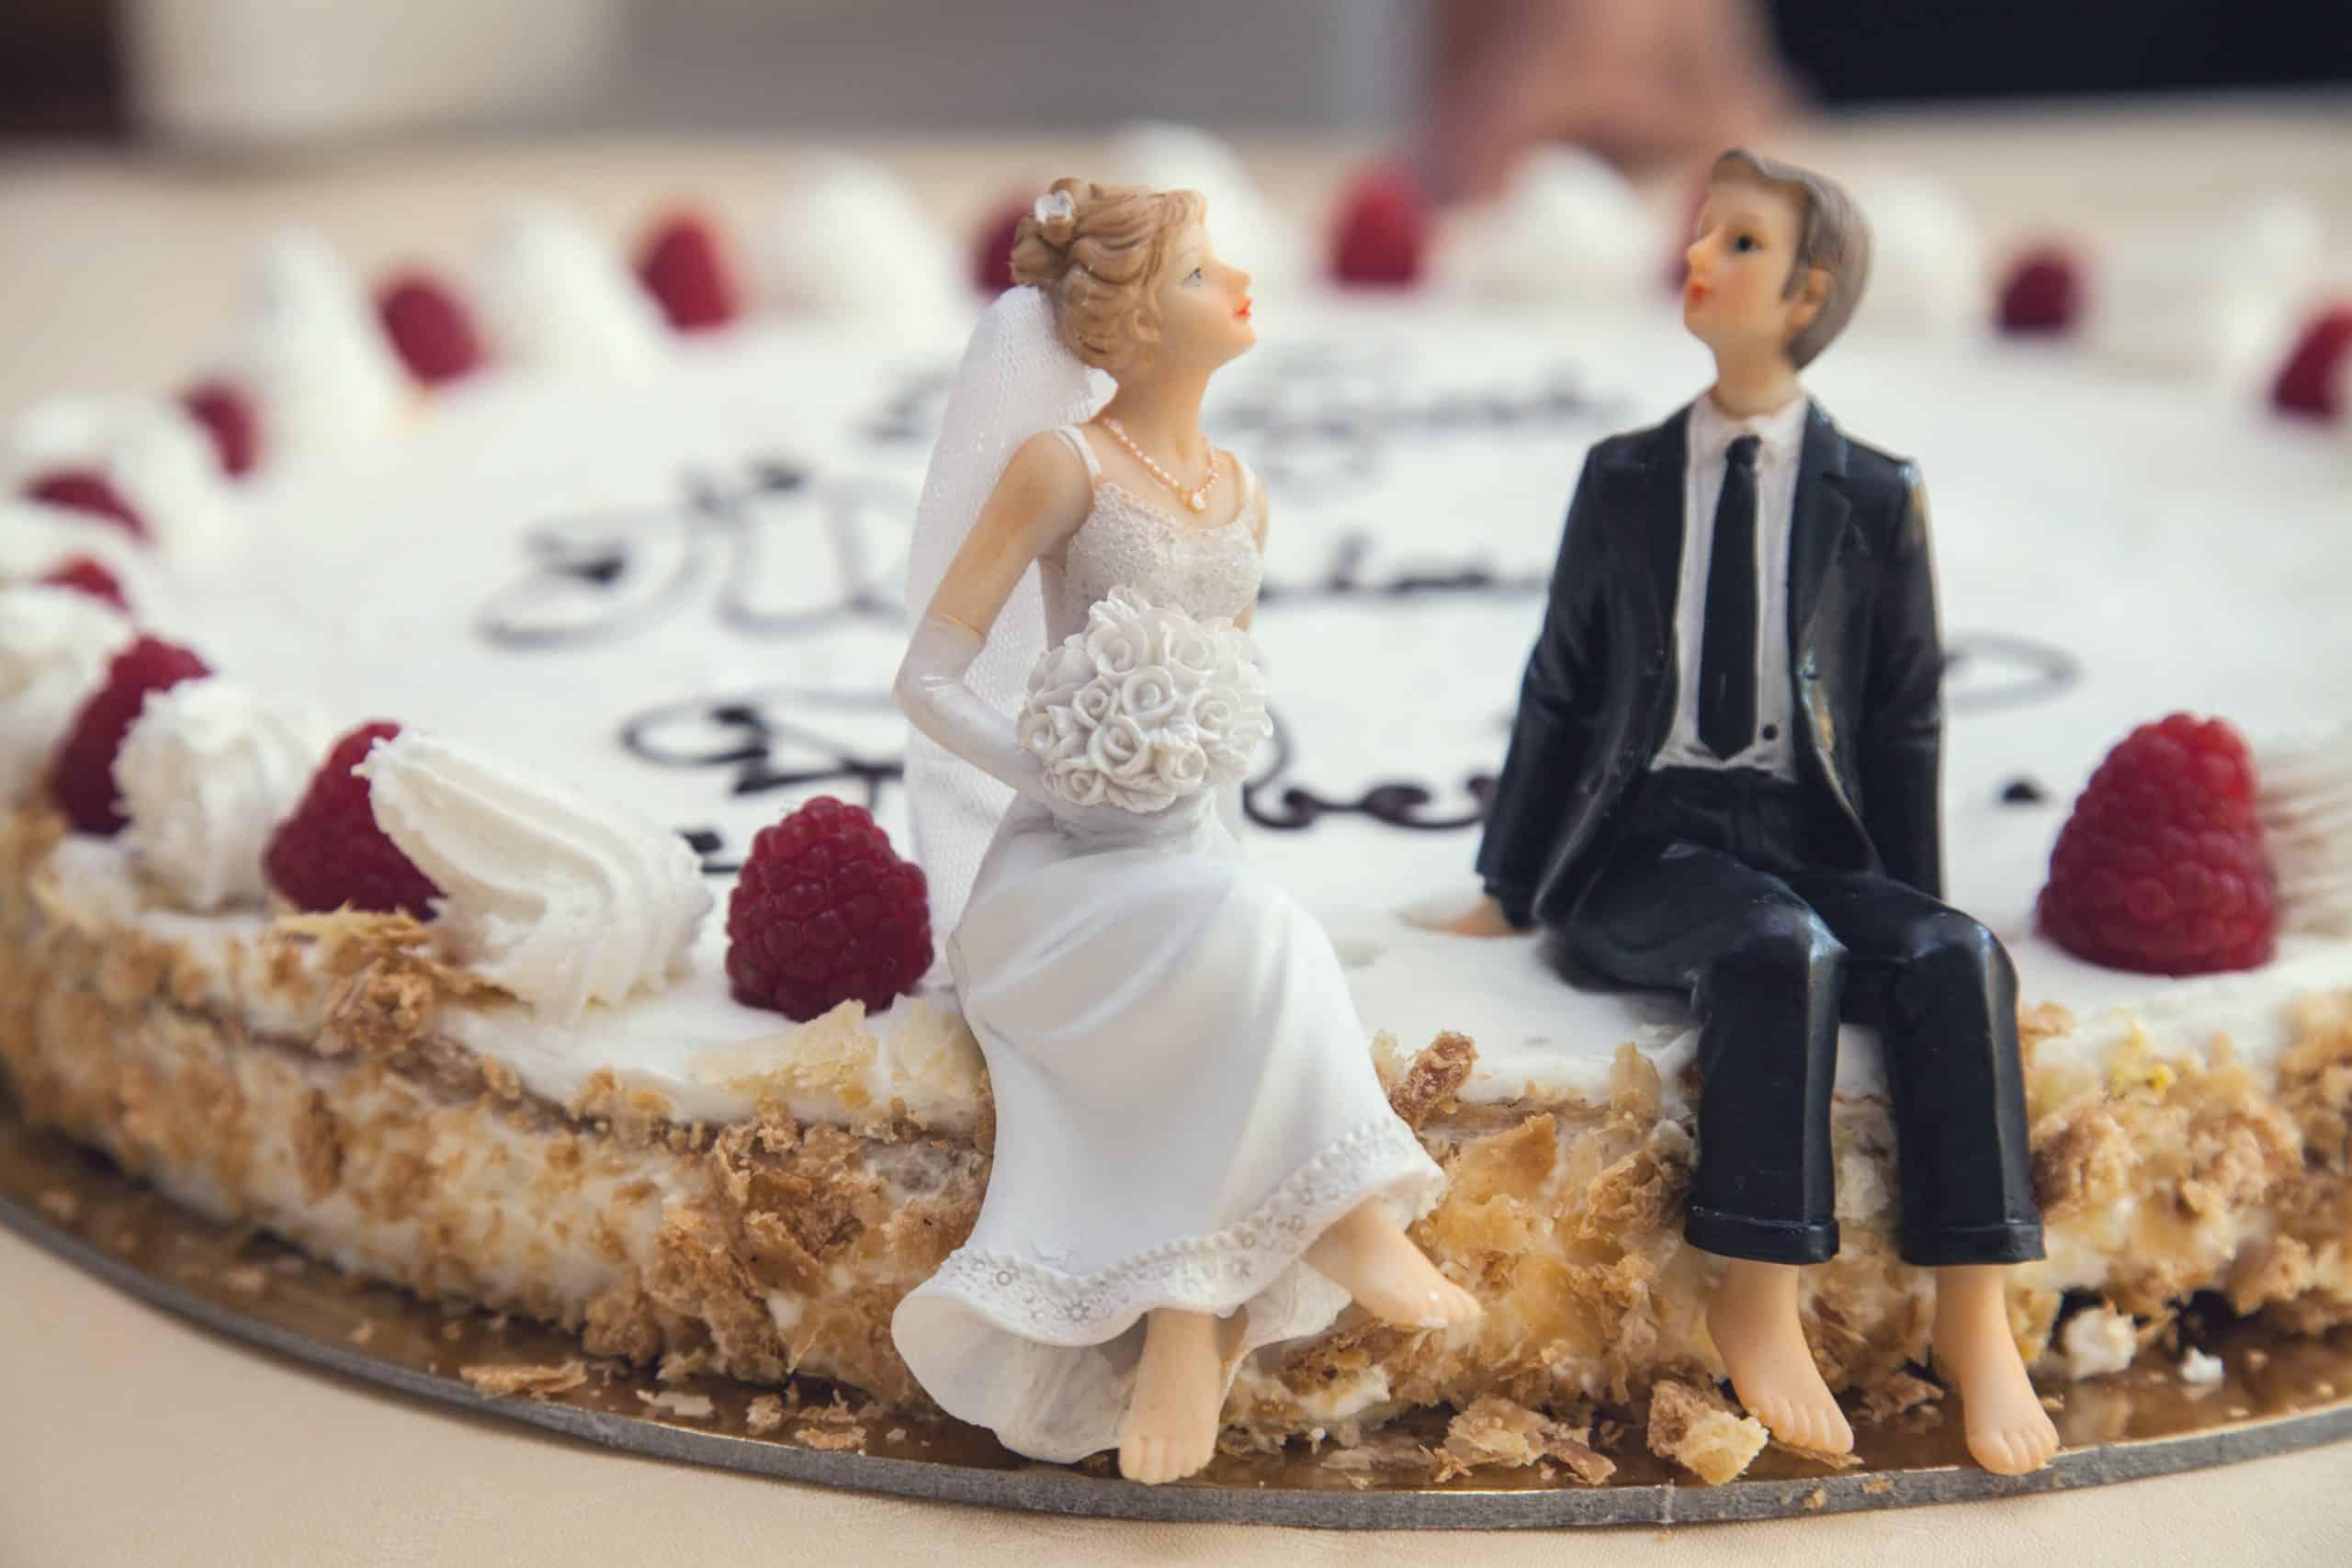 História do casamento: origem e curiosidades sobre a tradição